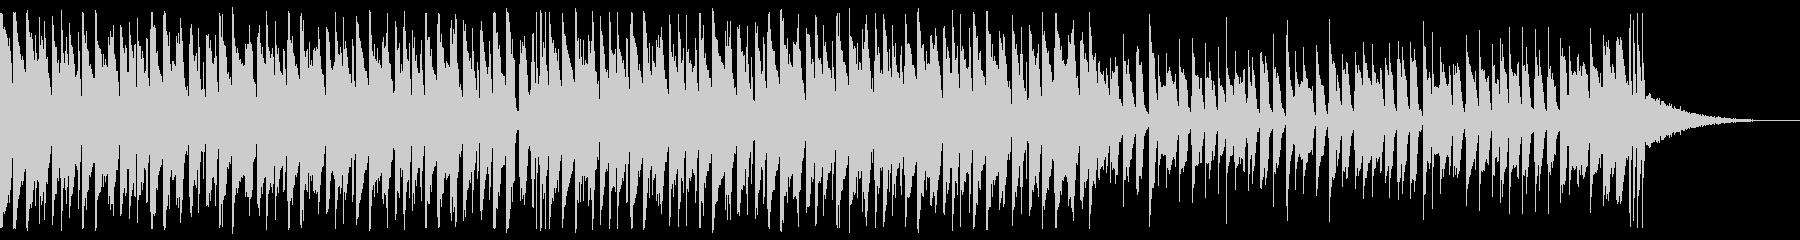 爽やかなEDM_5の未再生の波形